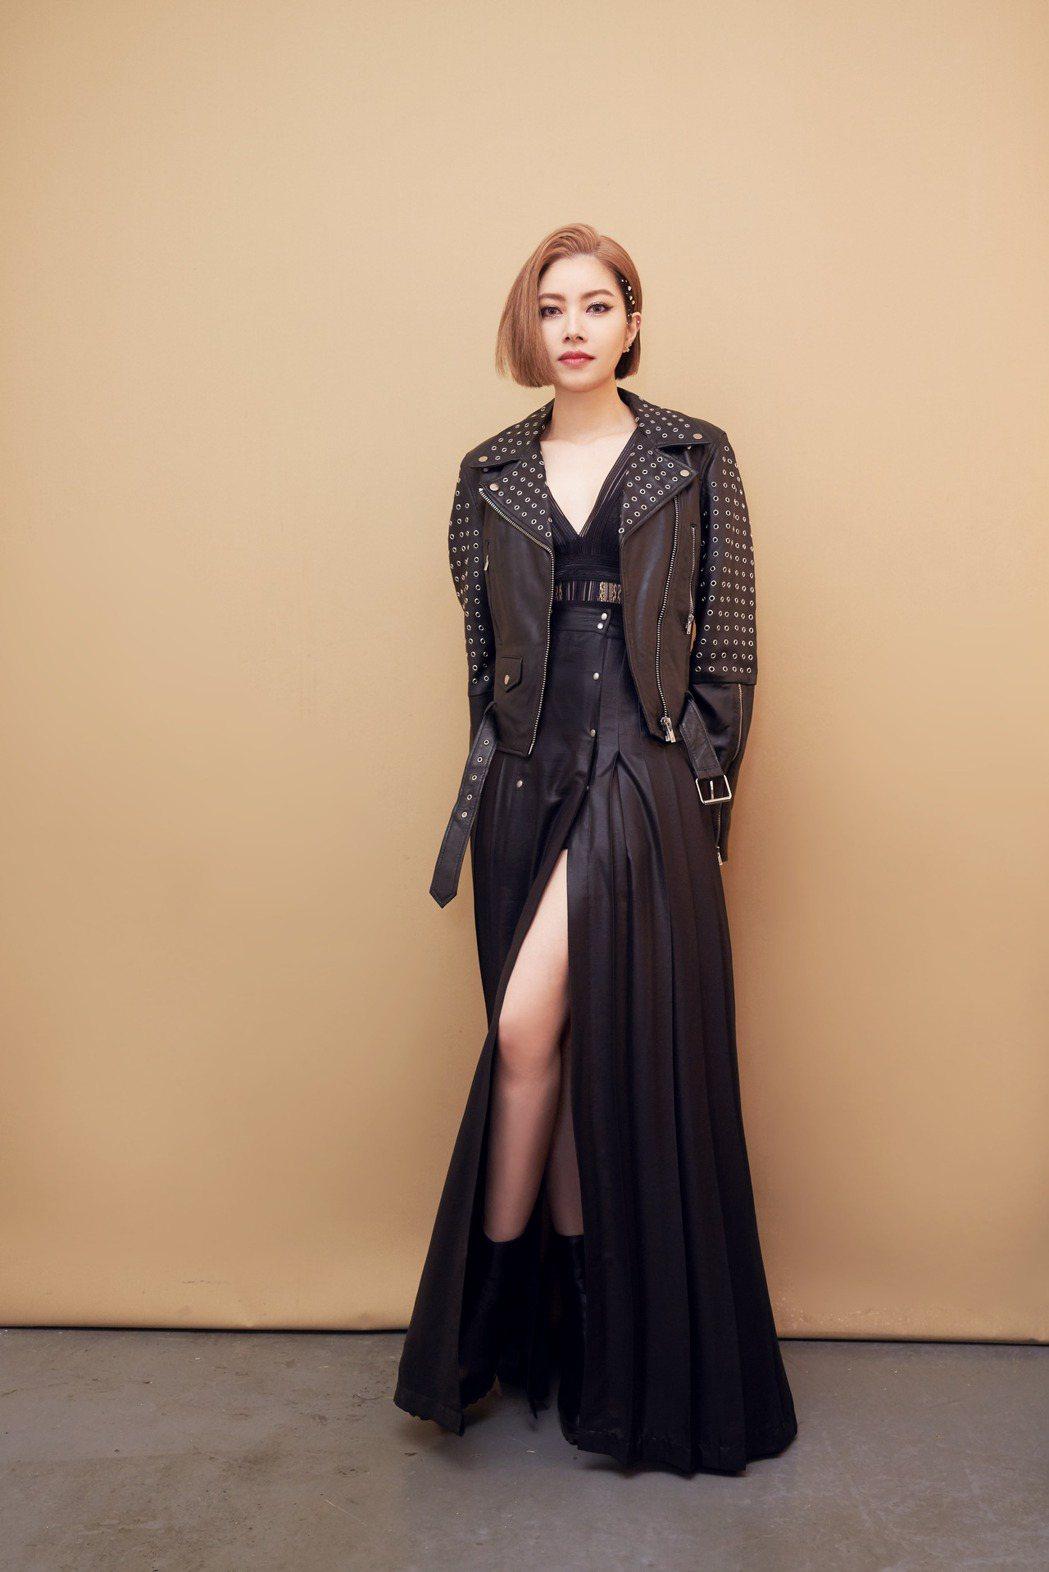 徐懷鈺21日身穿穿皮外套化身女Rocker。圖/Yuki工作室提供